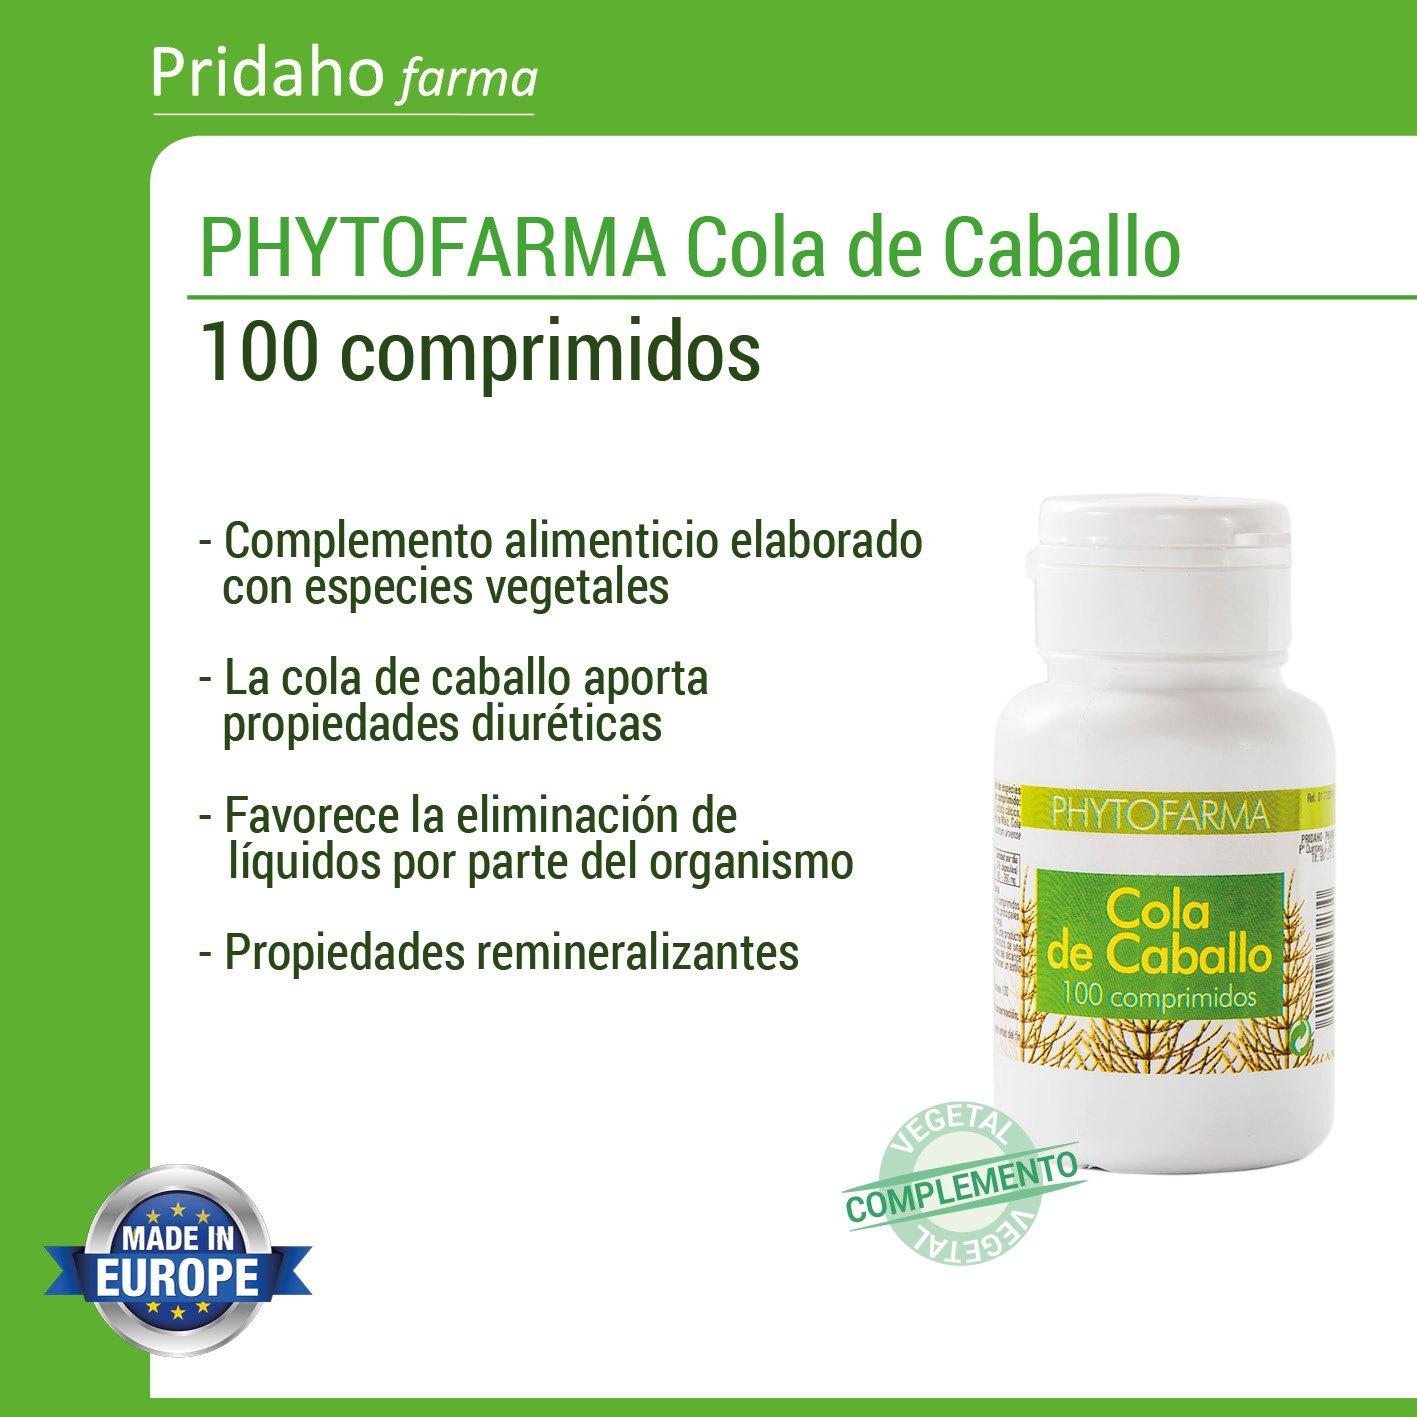 PHYTOFARMA Cola de Caballo 100 comprimidos: Amazon.es: Salud y cuidado personal